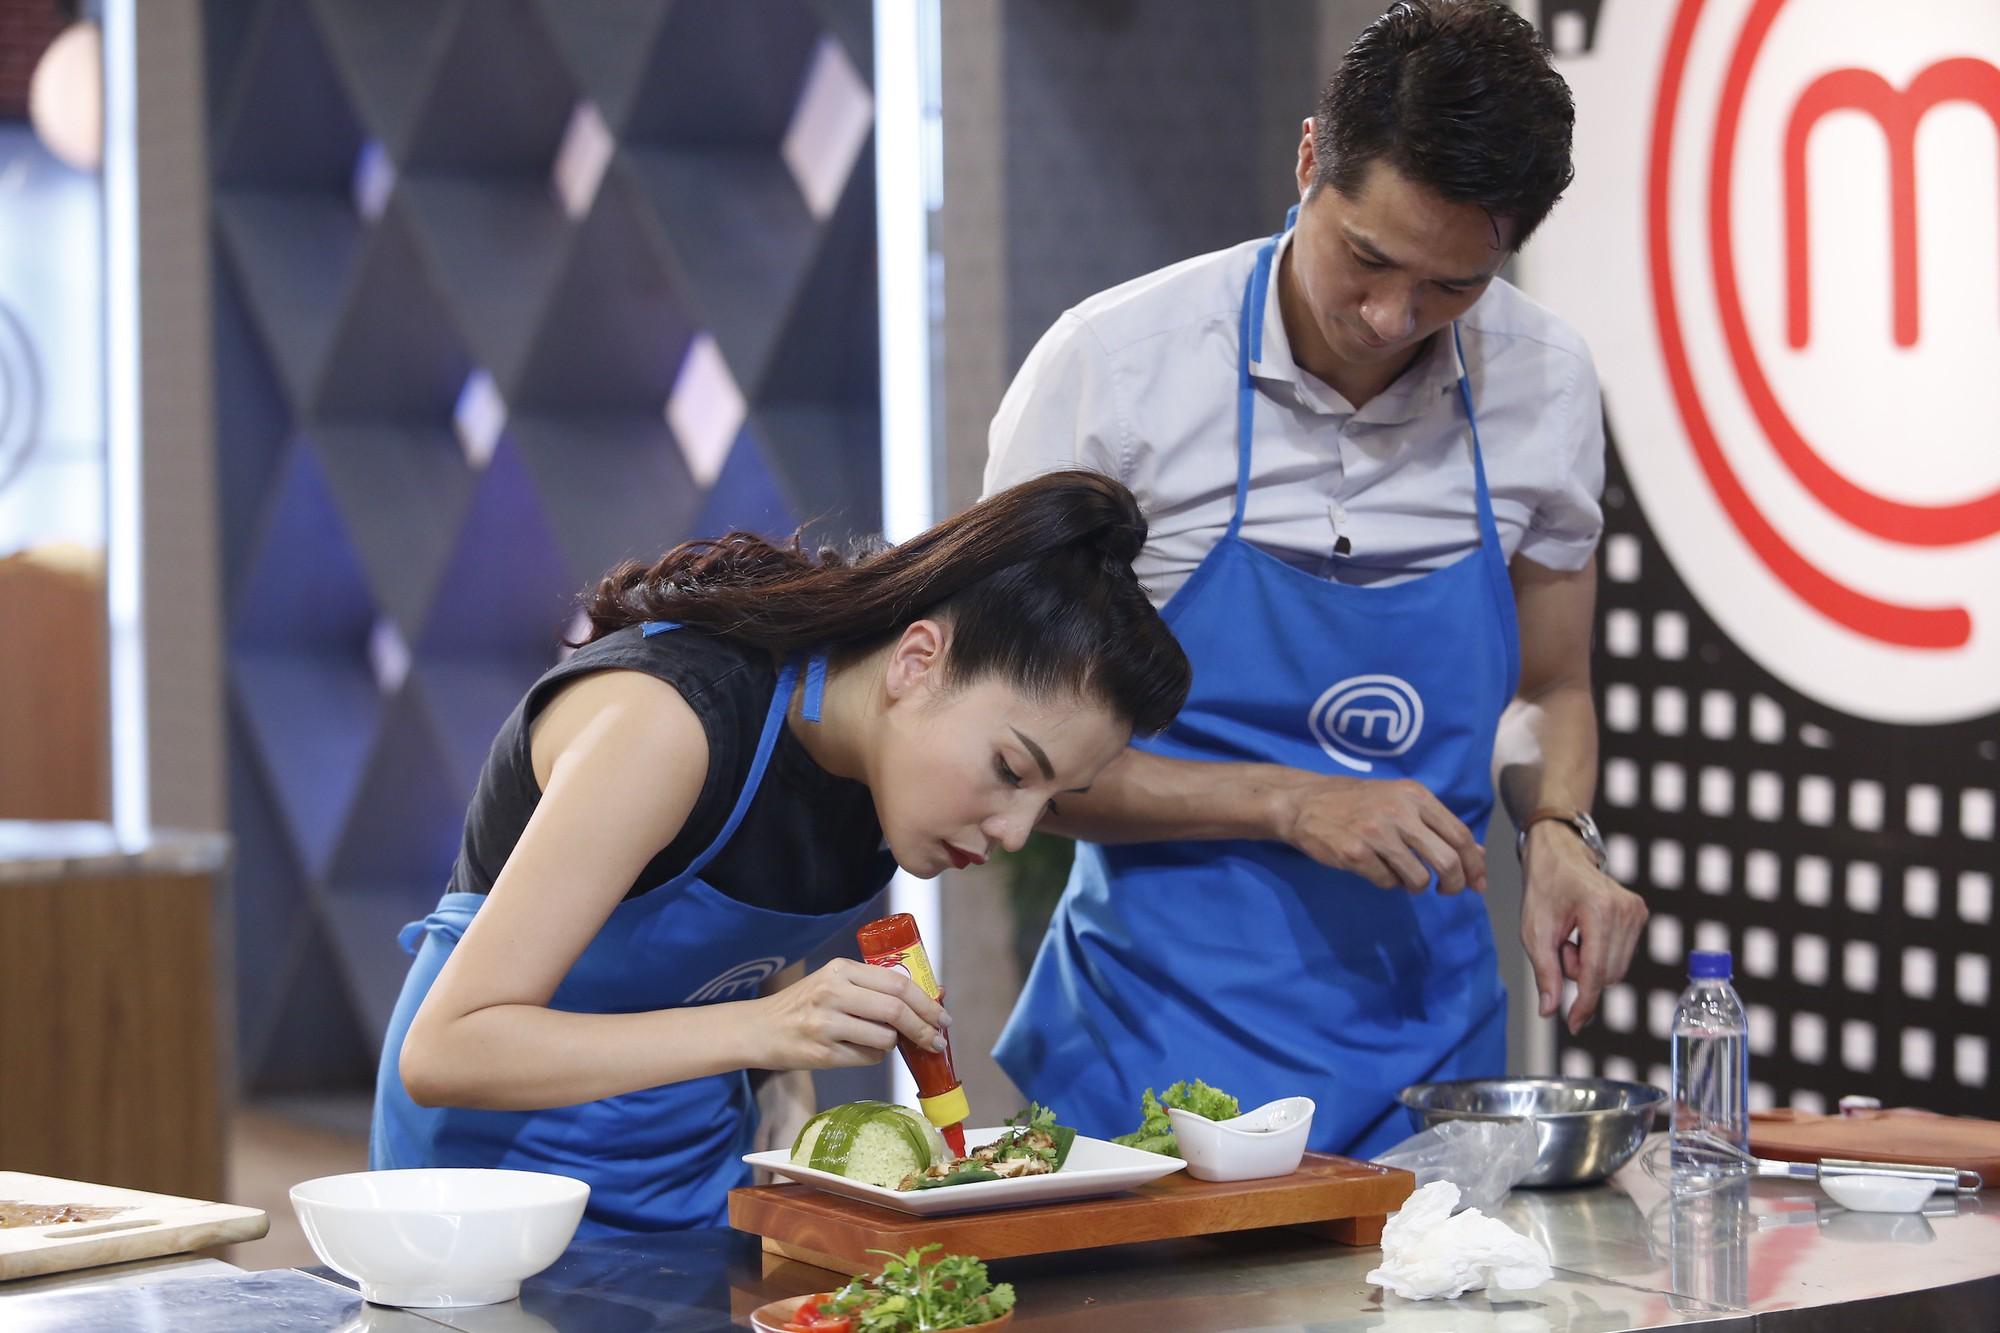 Vua đầu bếp: Được tất cả mọi người giúp đỡ, Chế Nguyễn Quỳnh Châu vẫn phải ra về - Ảnh 2.